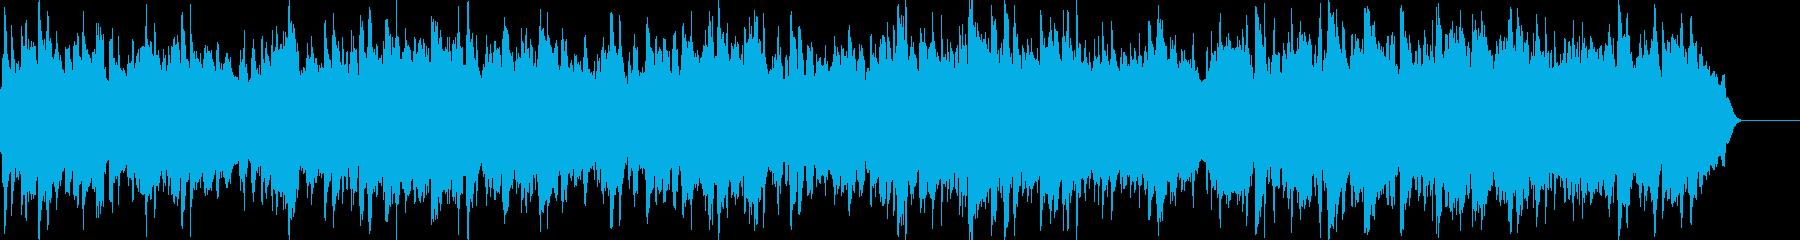 アコースティックイージーリスニング...の再生済みの波形